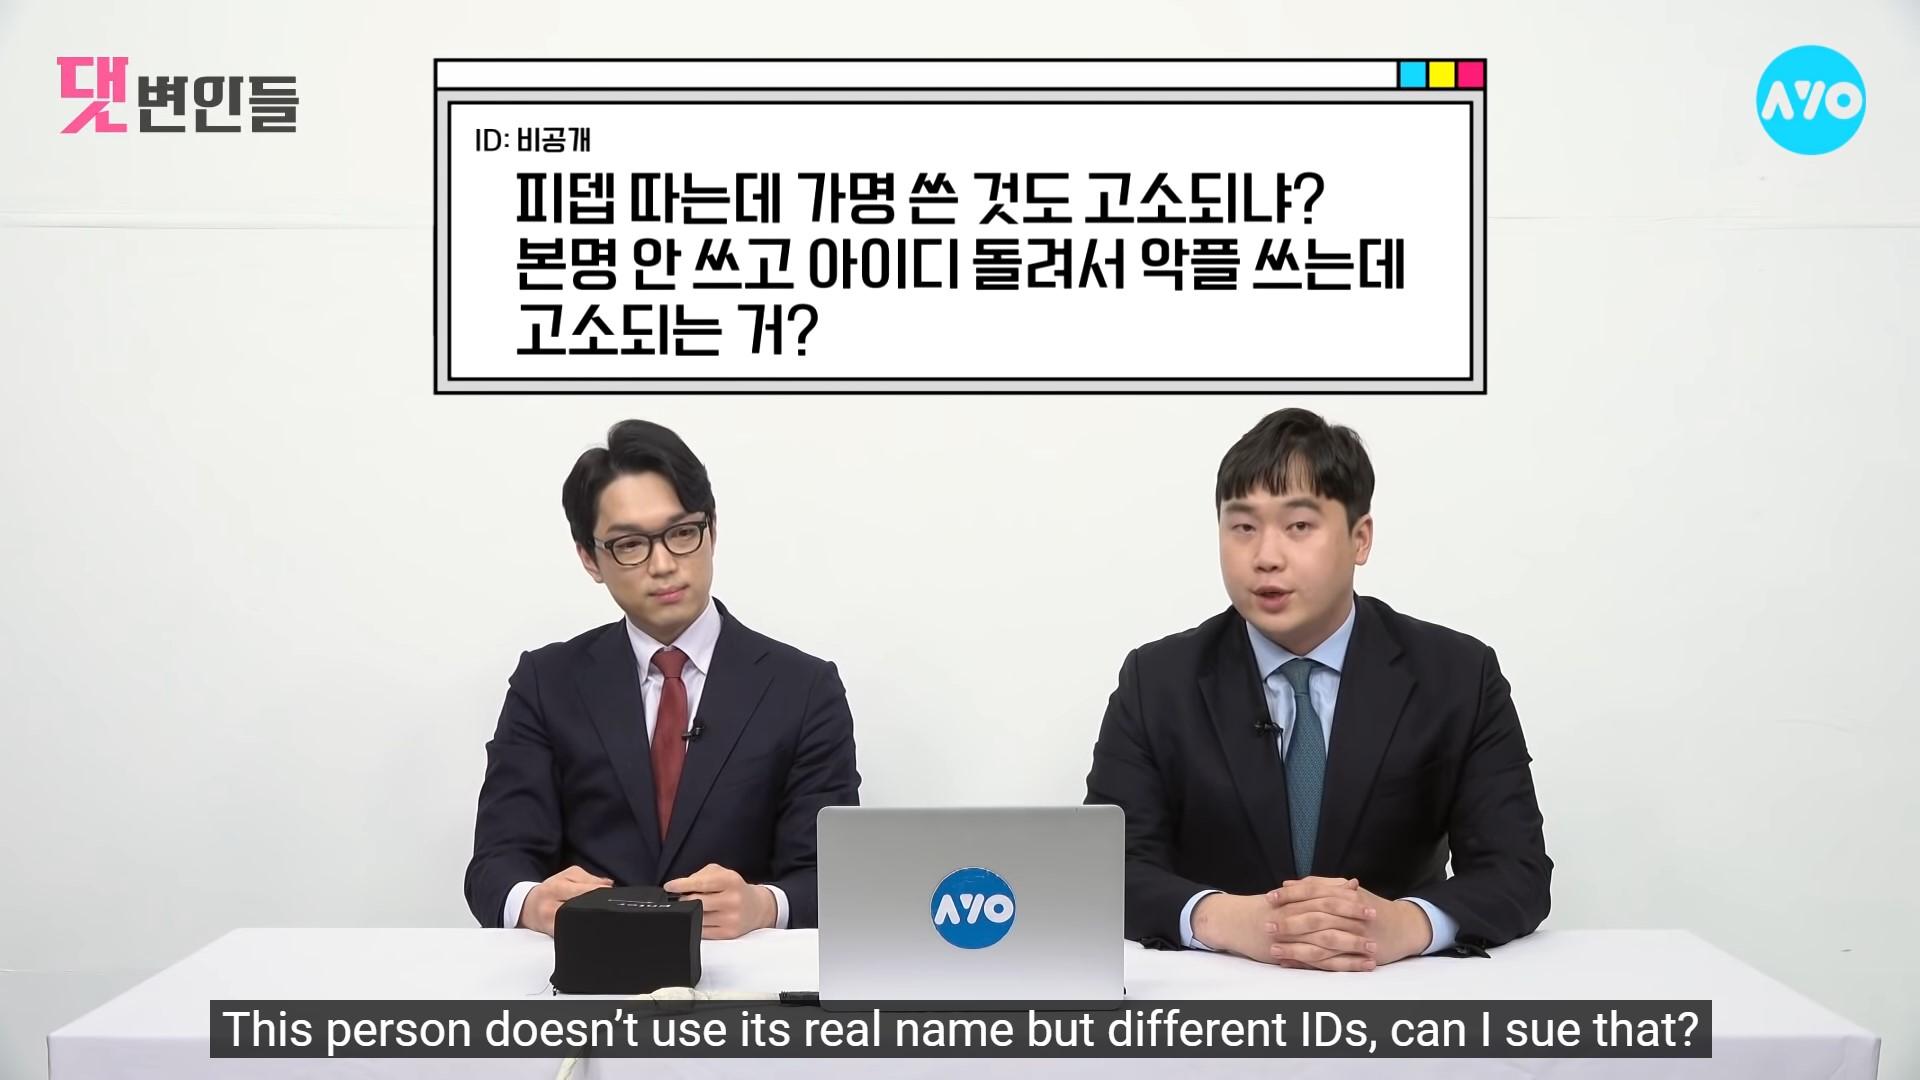 1 ayo comment defenders ko seung woo jeong chong myeong